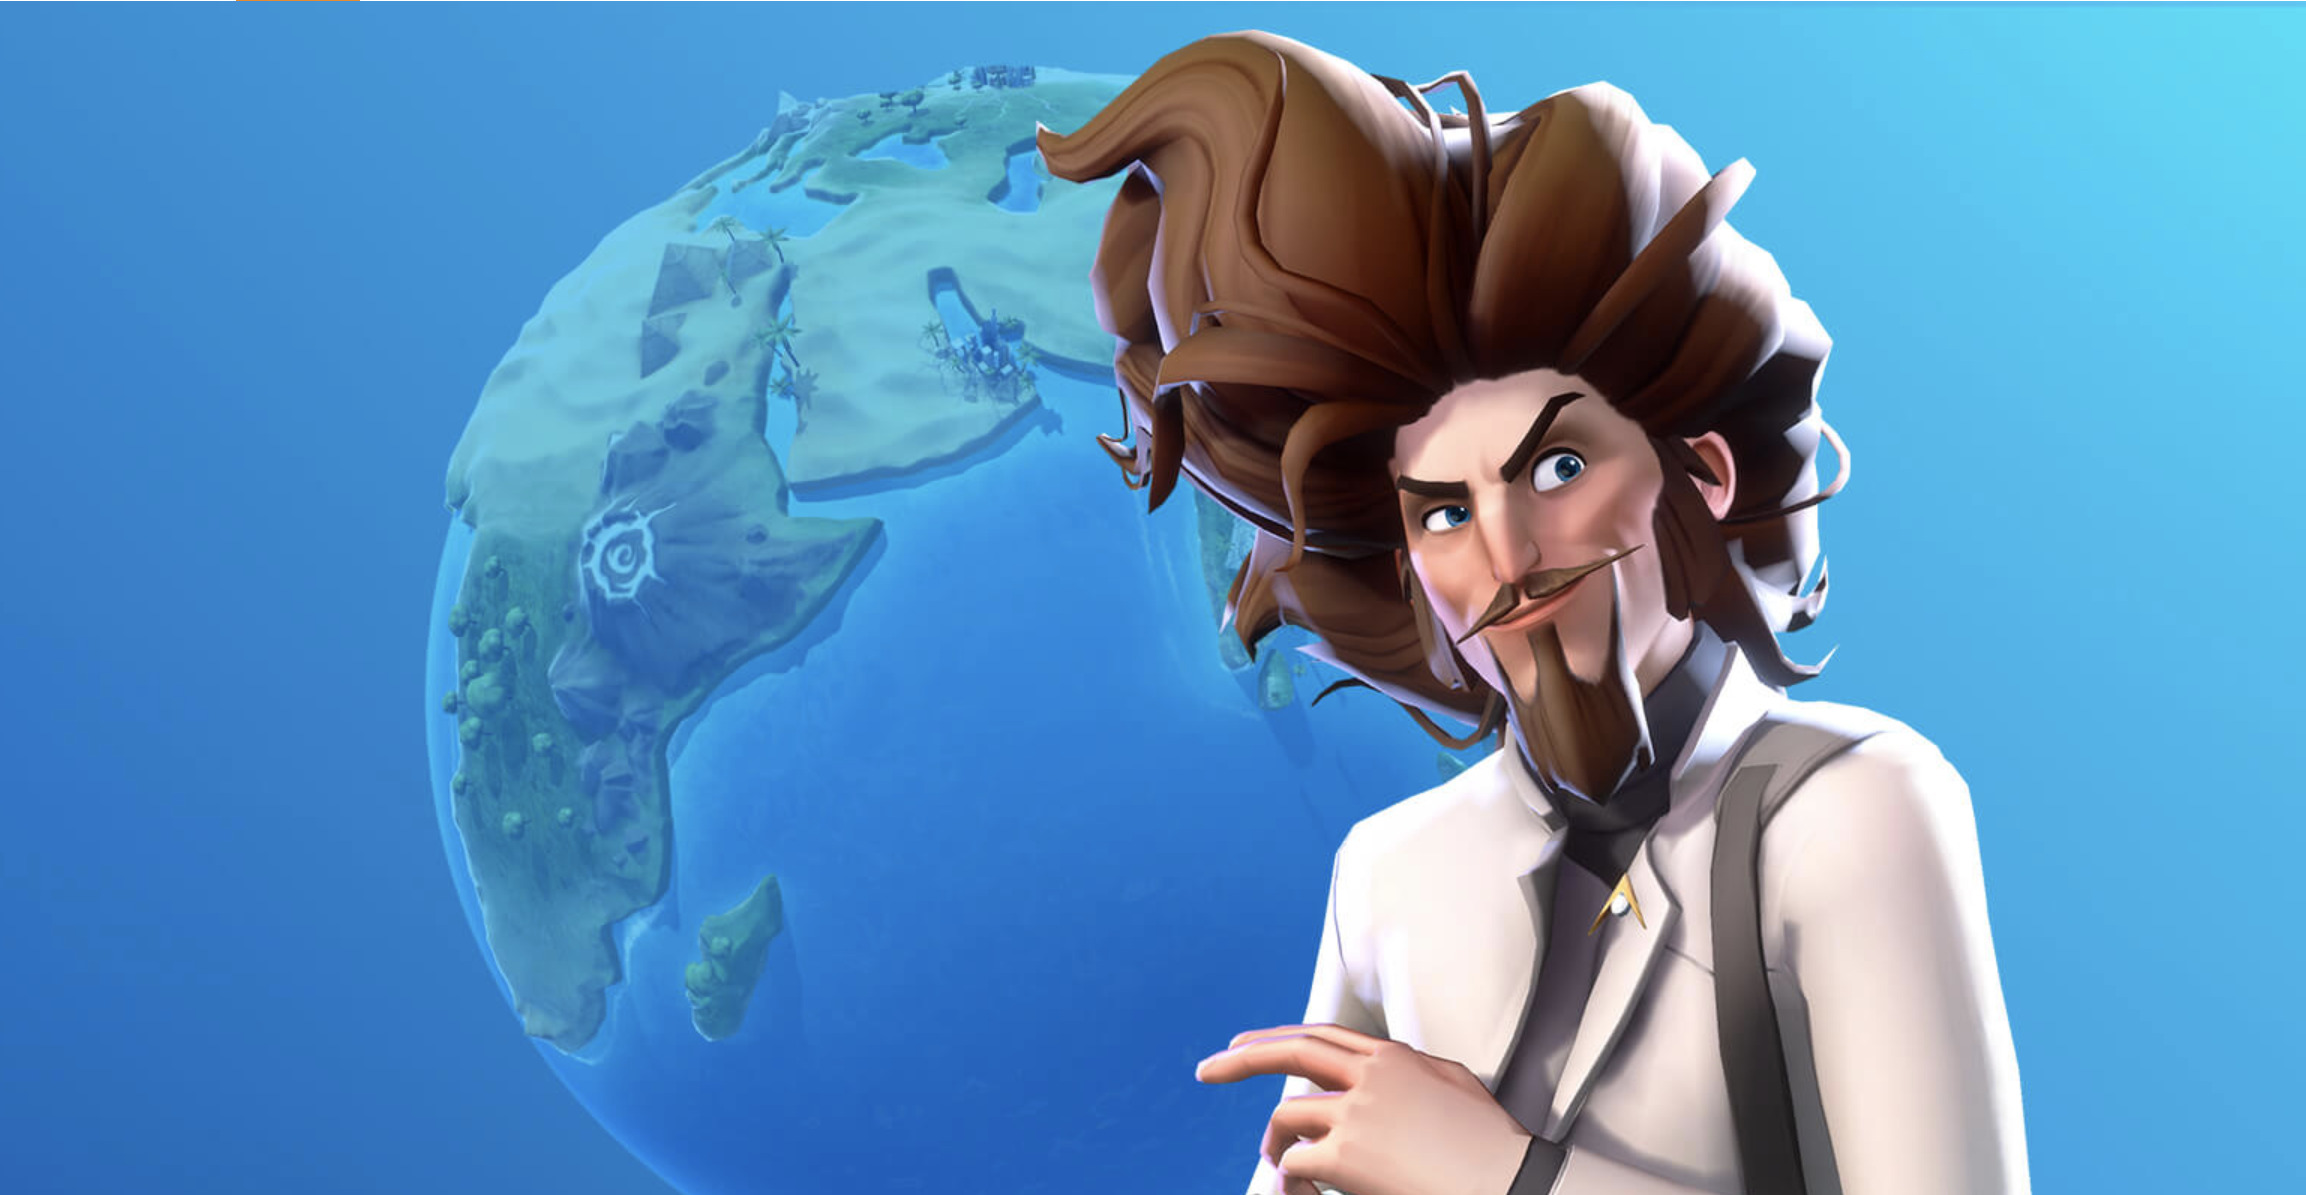 Джей Джей Абрамс и Epic Games сделали мобильную игру про шпионов. Вот первые скриншоты